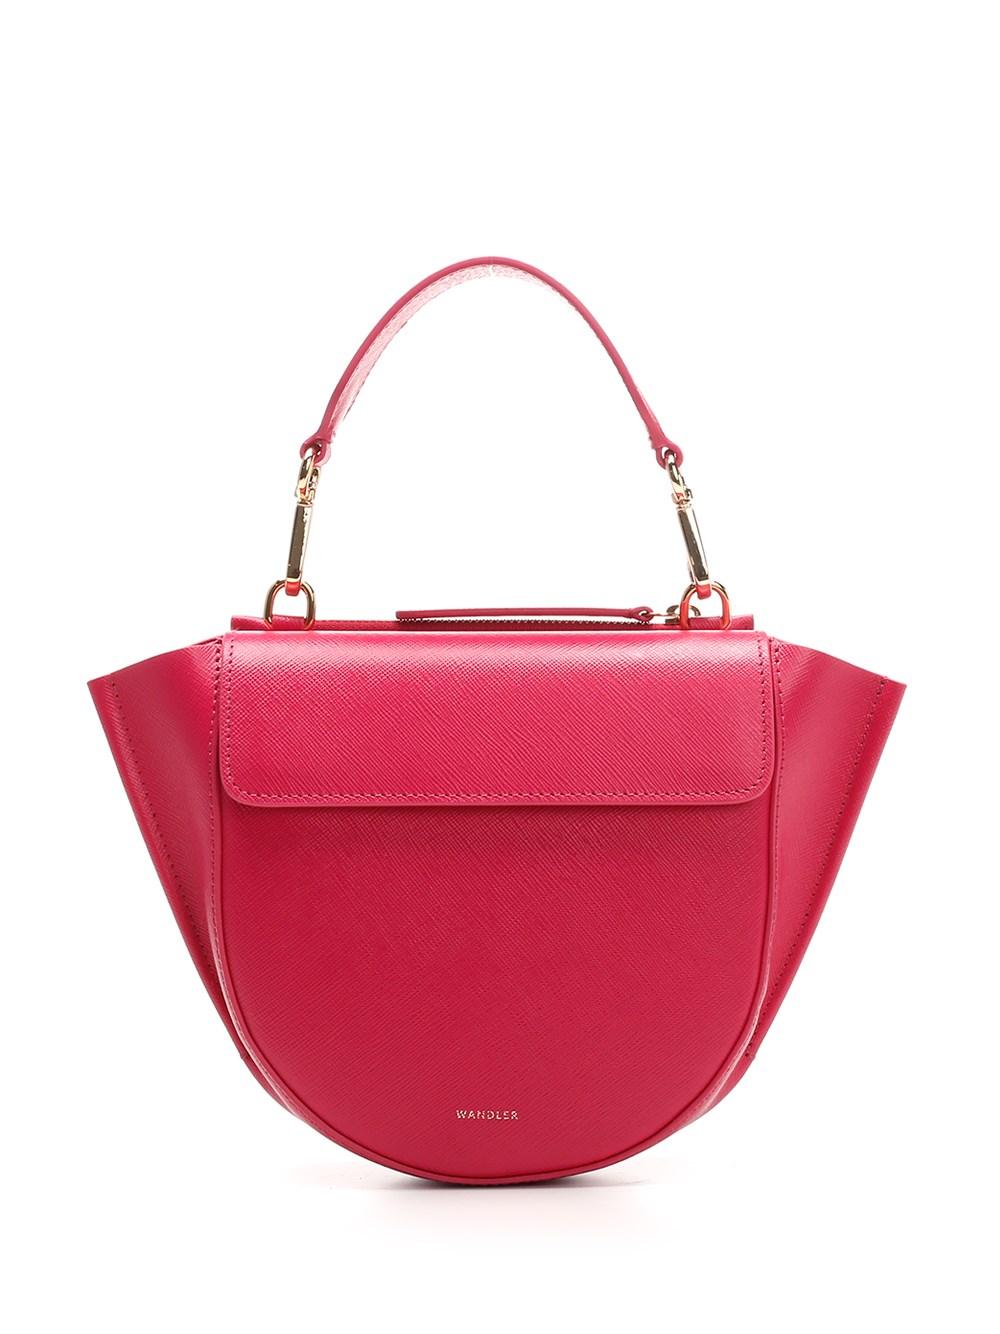 """WANDLER """"Hortensia"""" Mini Shoulder Bag In Pink Leather"""